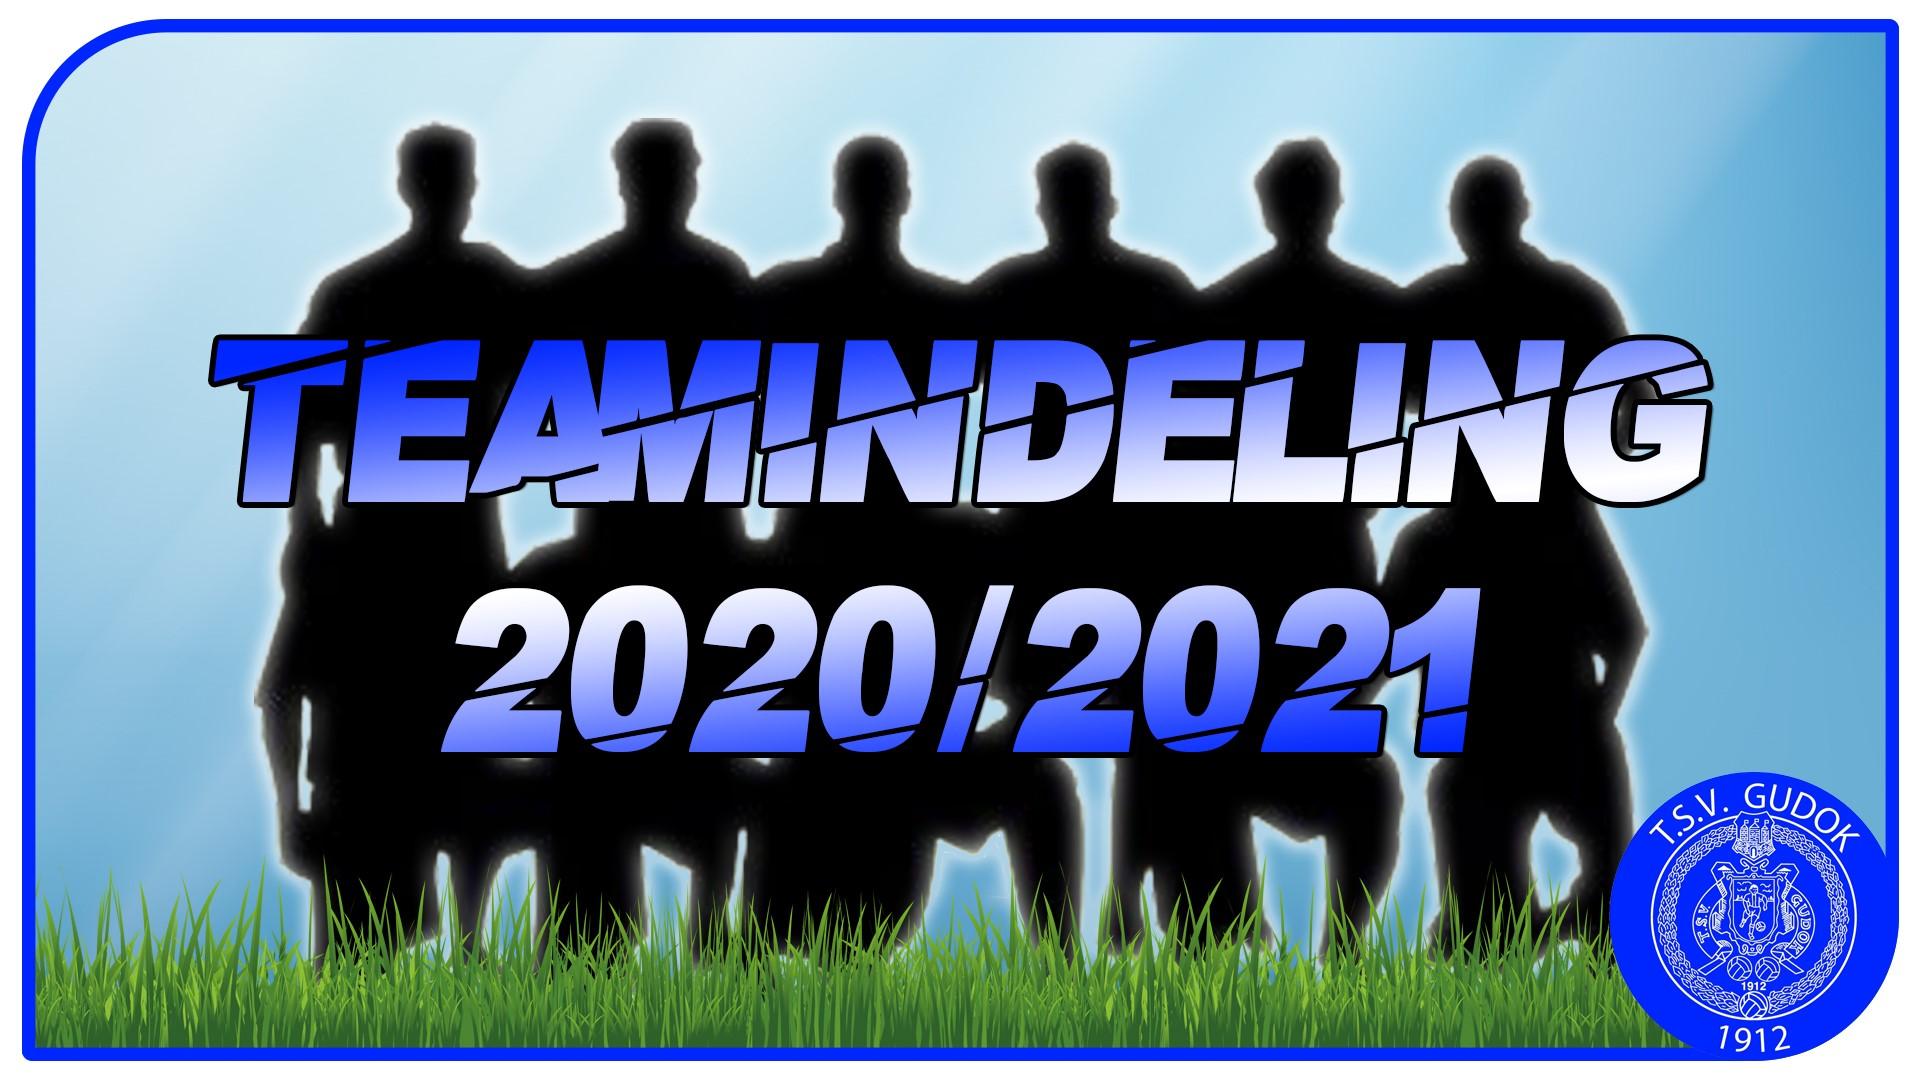 Teamindeling Senioren 2020/2021